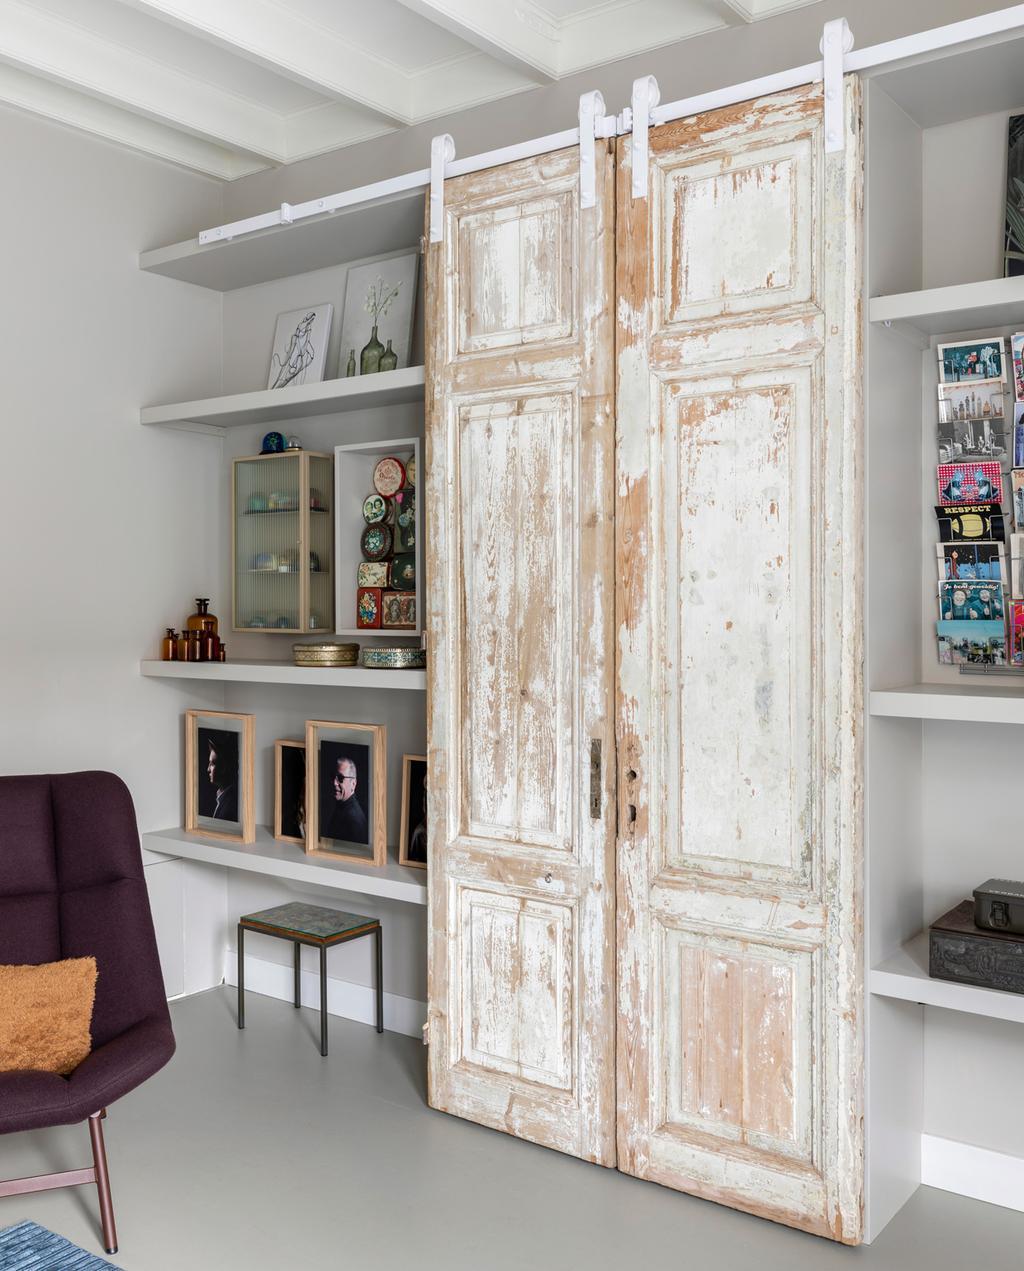 Een zelfgemaakte kastenwand is efficiënte manier om meer opbergruimte te creëren